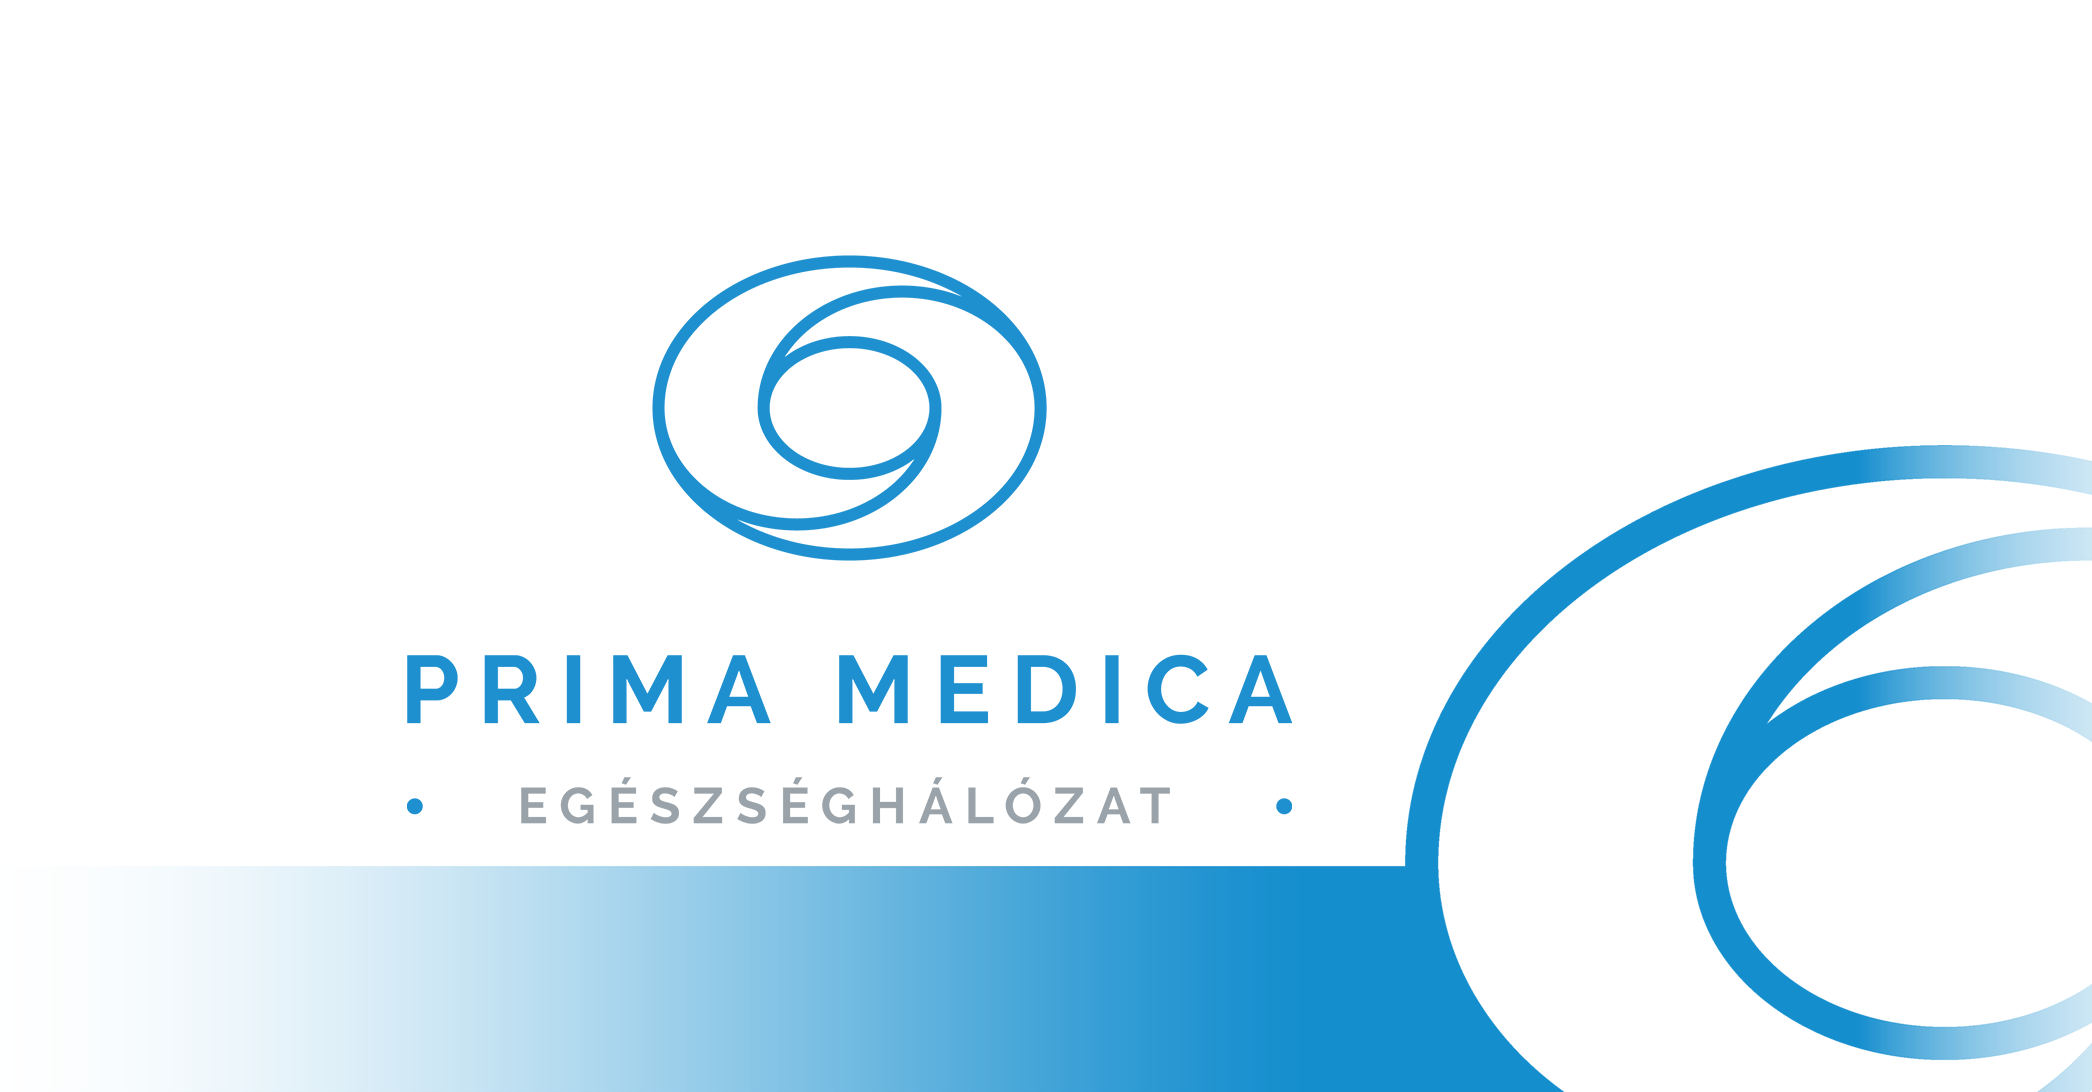 Nőgyógyászati Központ, 1015 Budapest, Ostrom utca 16. - Mit tervez a Prima Medica Egészséghálózat? - $rowNews.subtitle